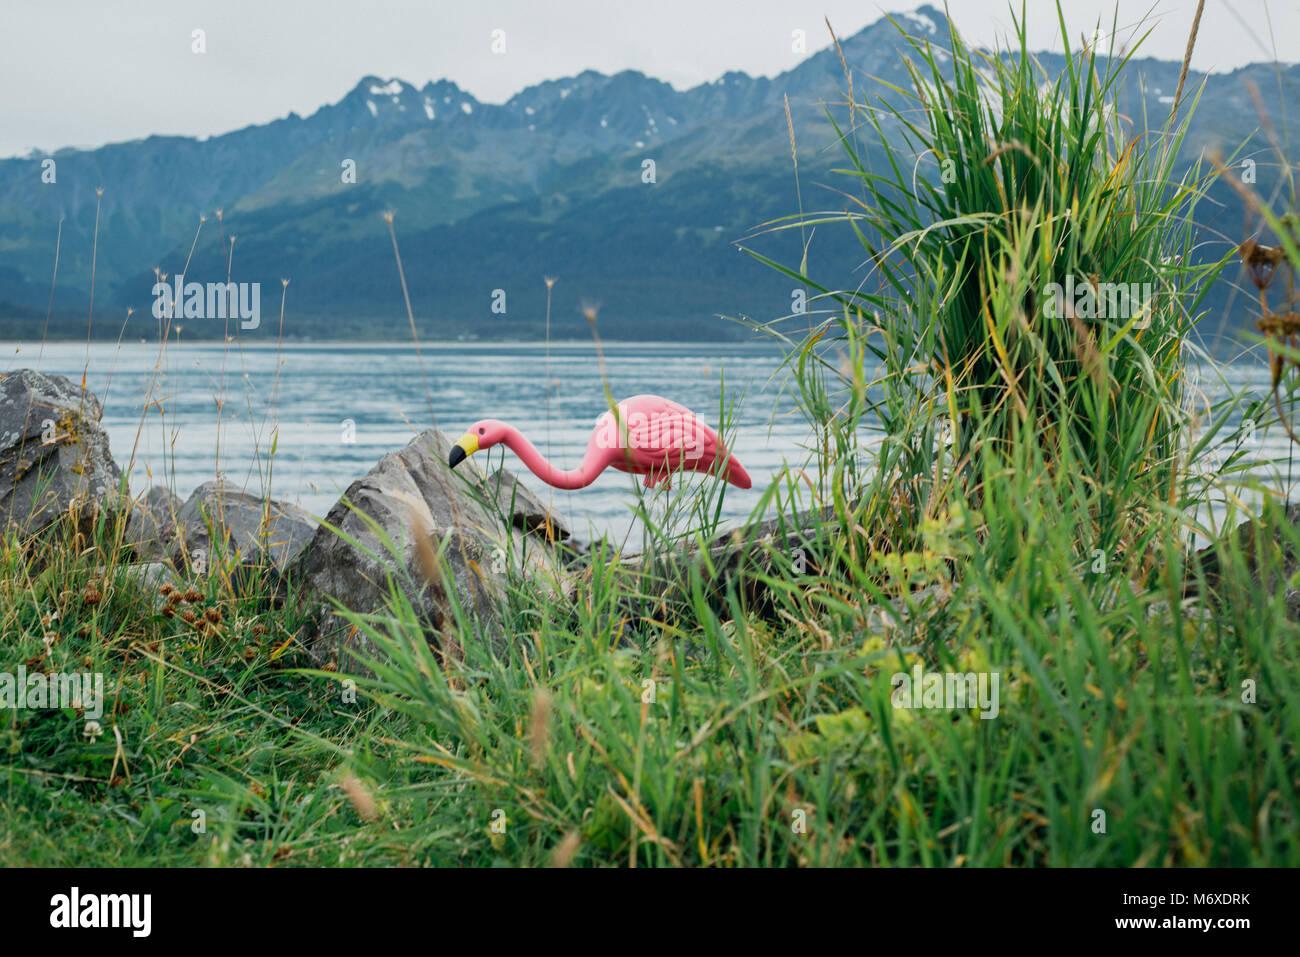 Flamingo in einem Hof auf einem See in Alaska Stockbild